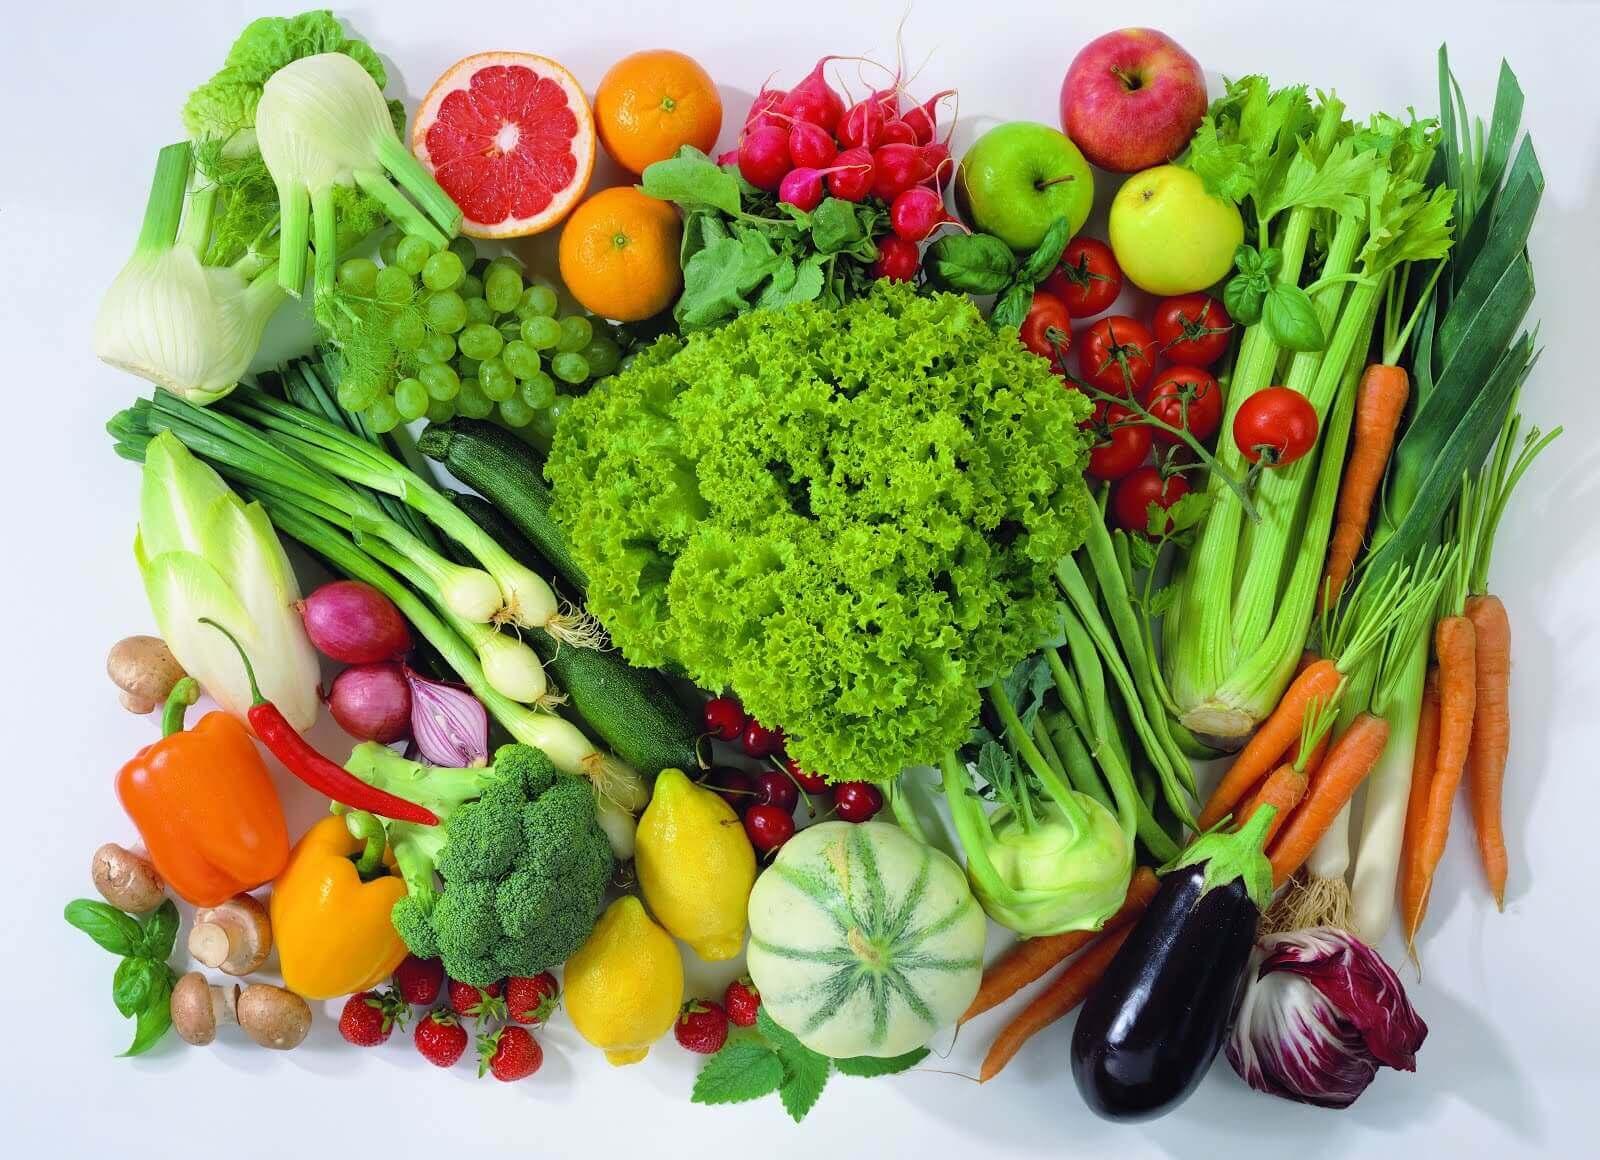 felci önlemek sebze ve meyveler